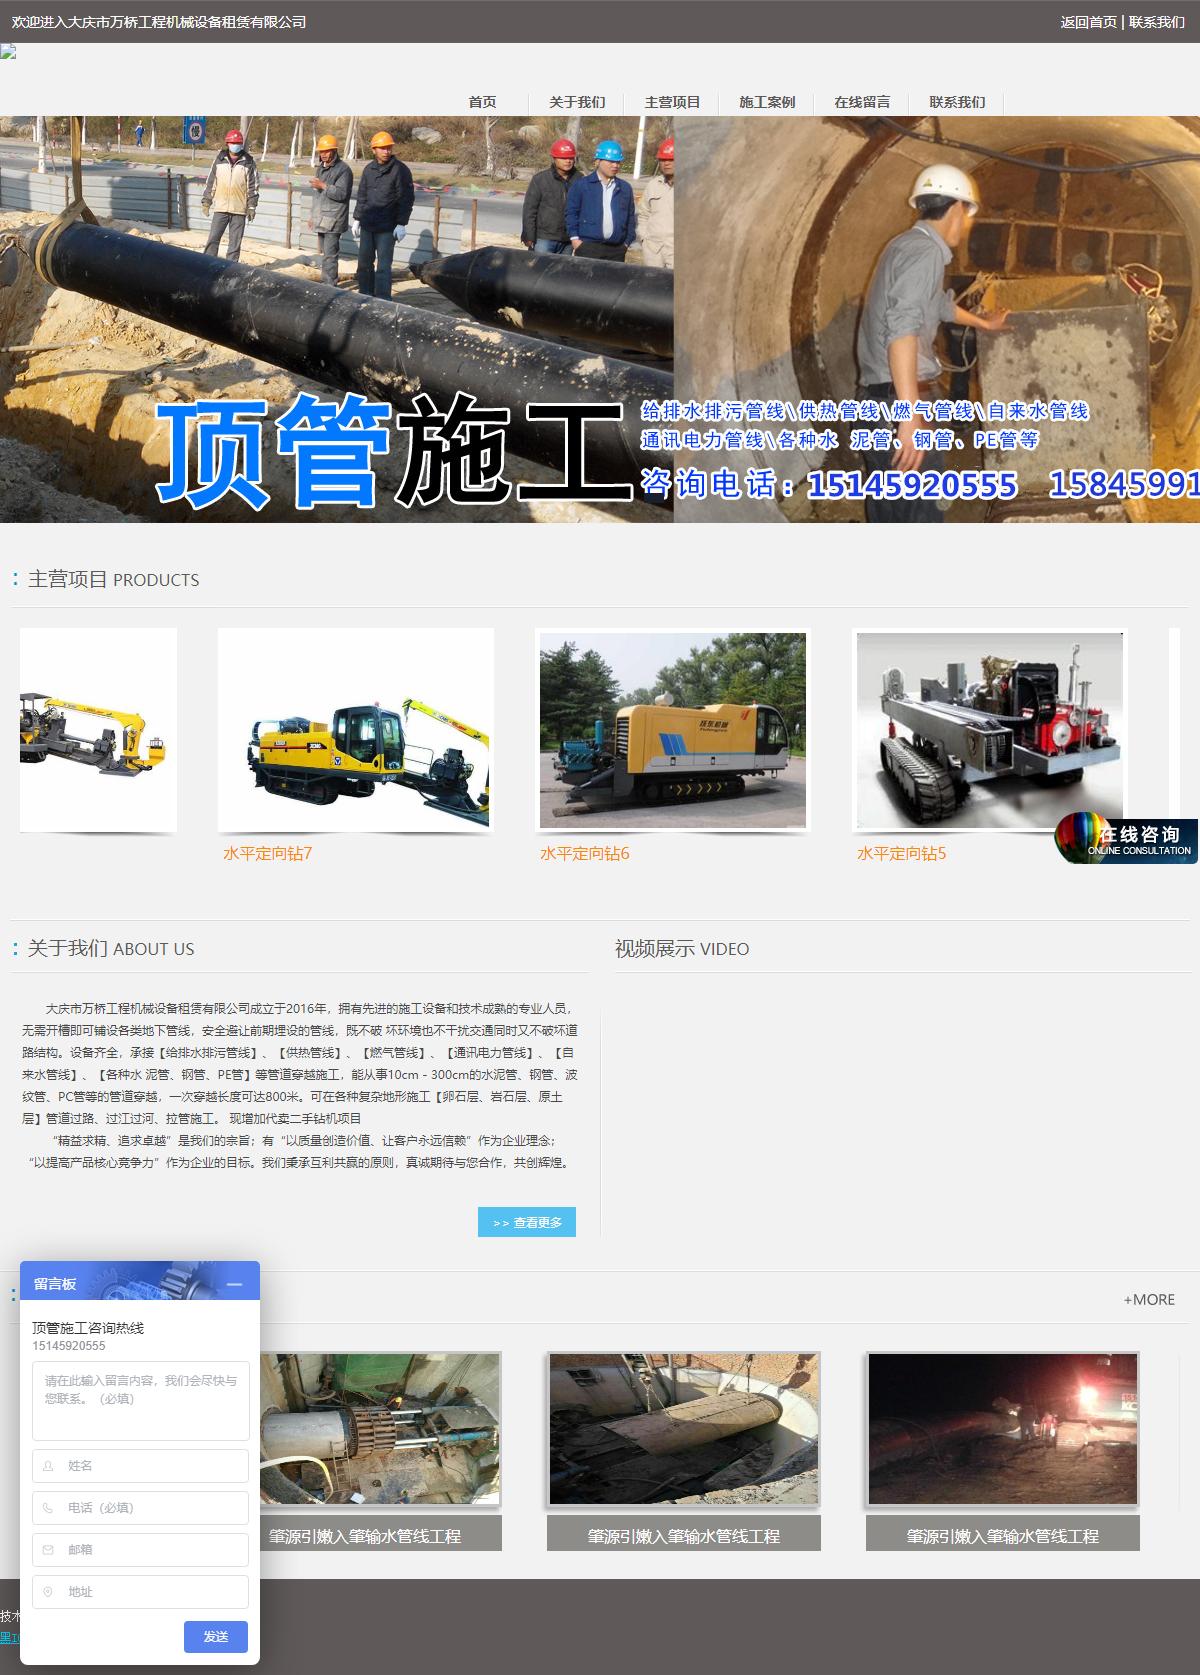 大庆市万桥工程机械设备租赁有限公司网站案例